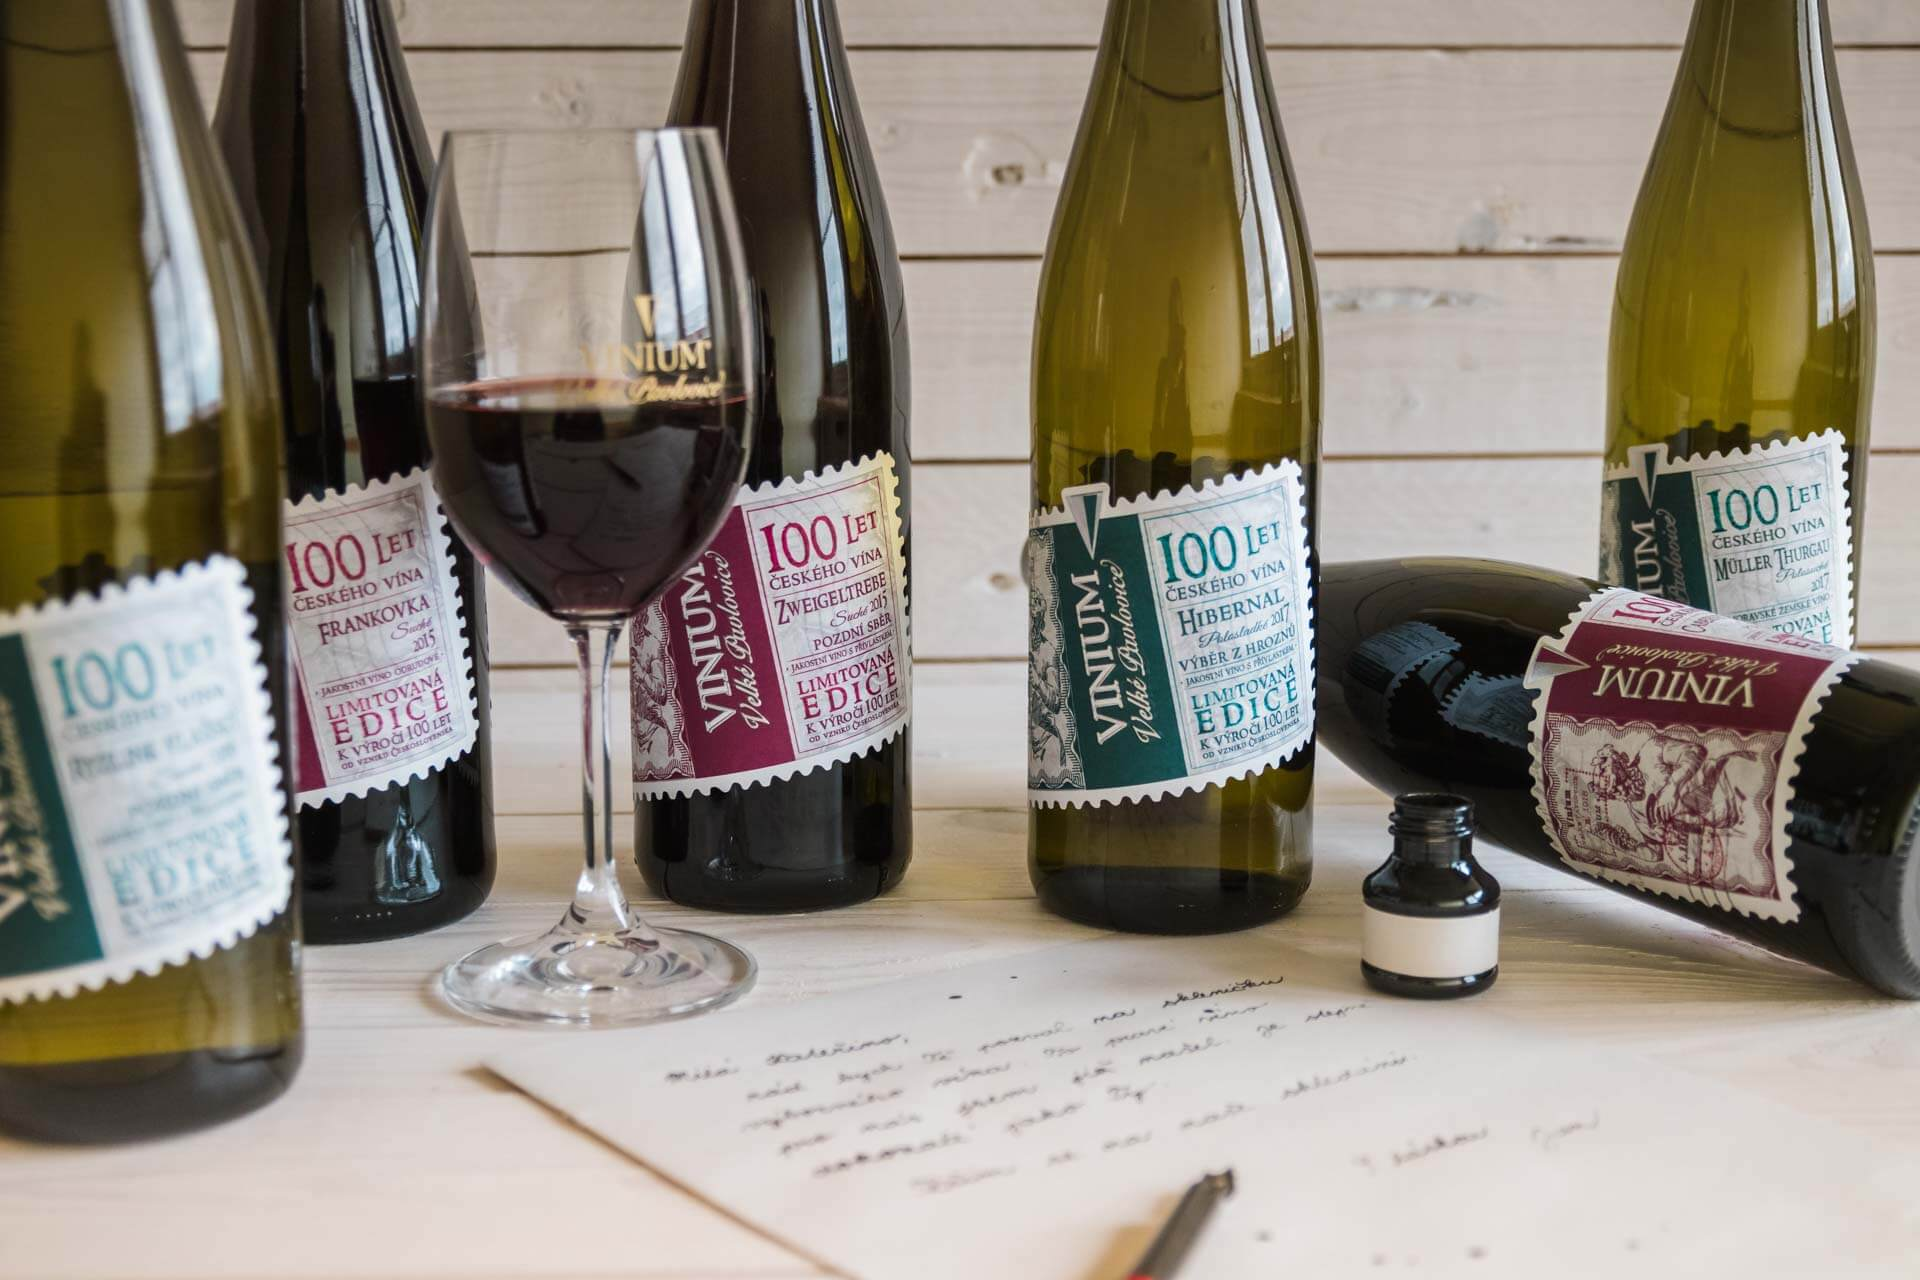 Foto ke článku 3, přívlastkové víno, VINIUM, bílé víné, červené víno